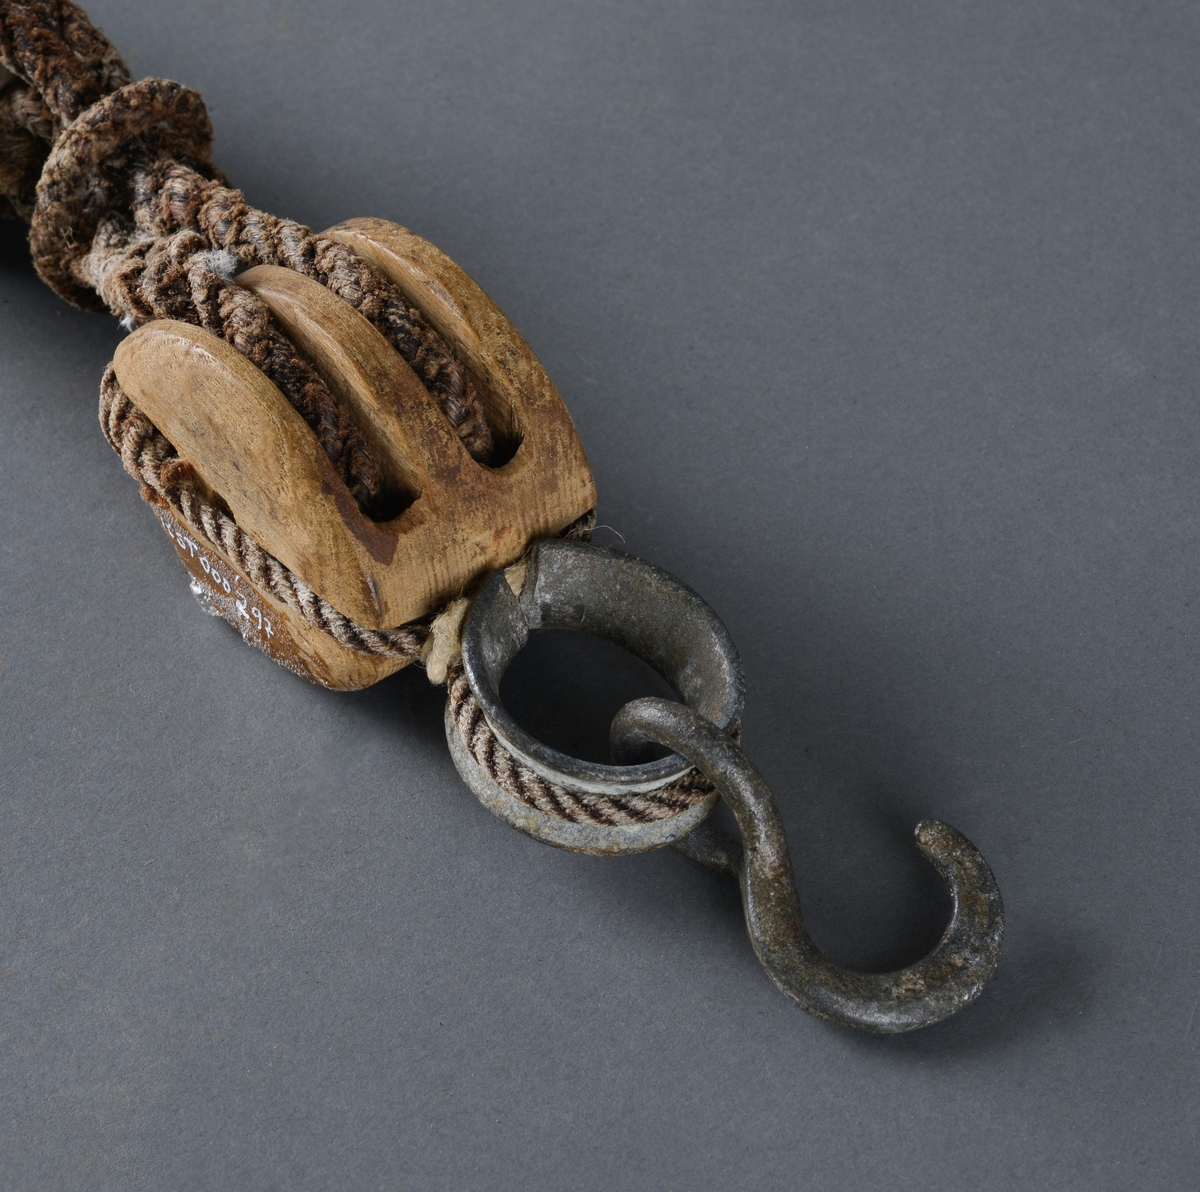 Brukt under segling av båter: Til stramming av seilets fremre, nedre hjørne når de seilte opp mot vinden.